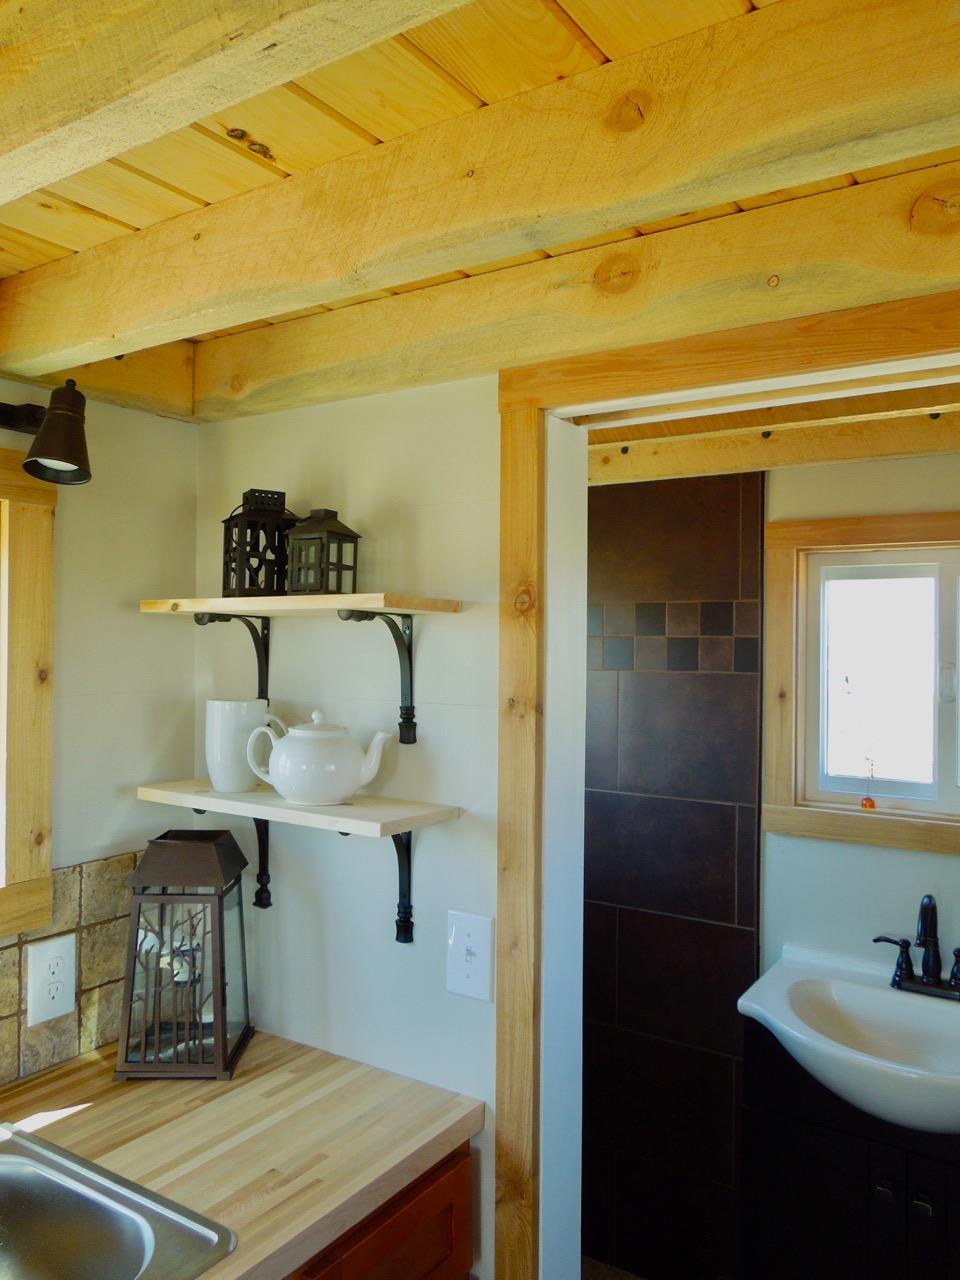 Wheelhouse-tiny-homes-2.jpg